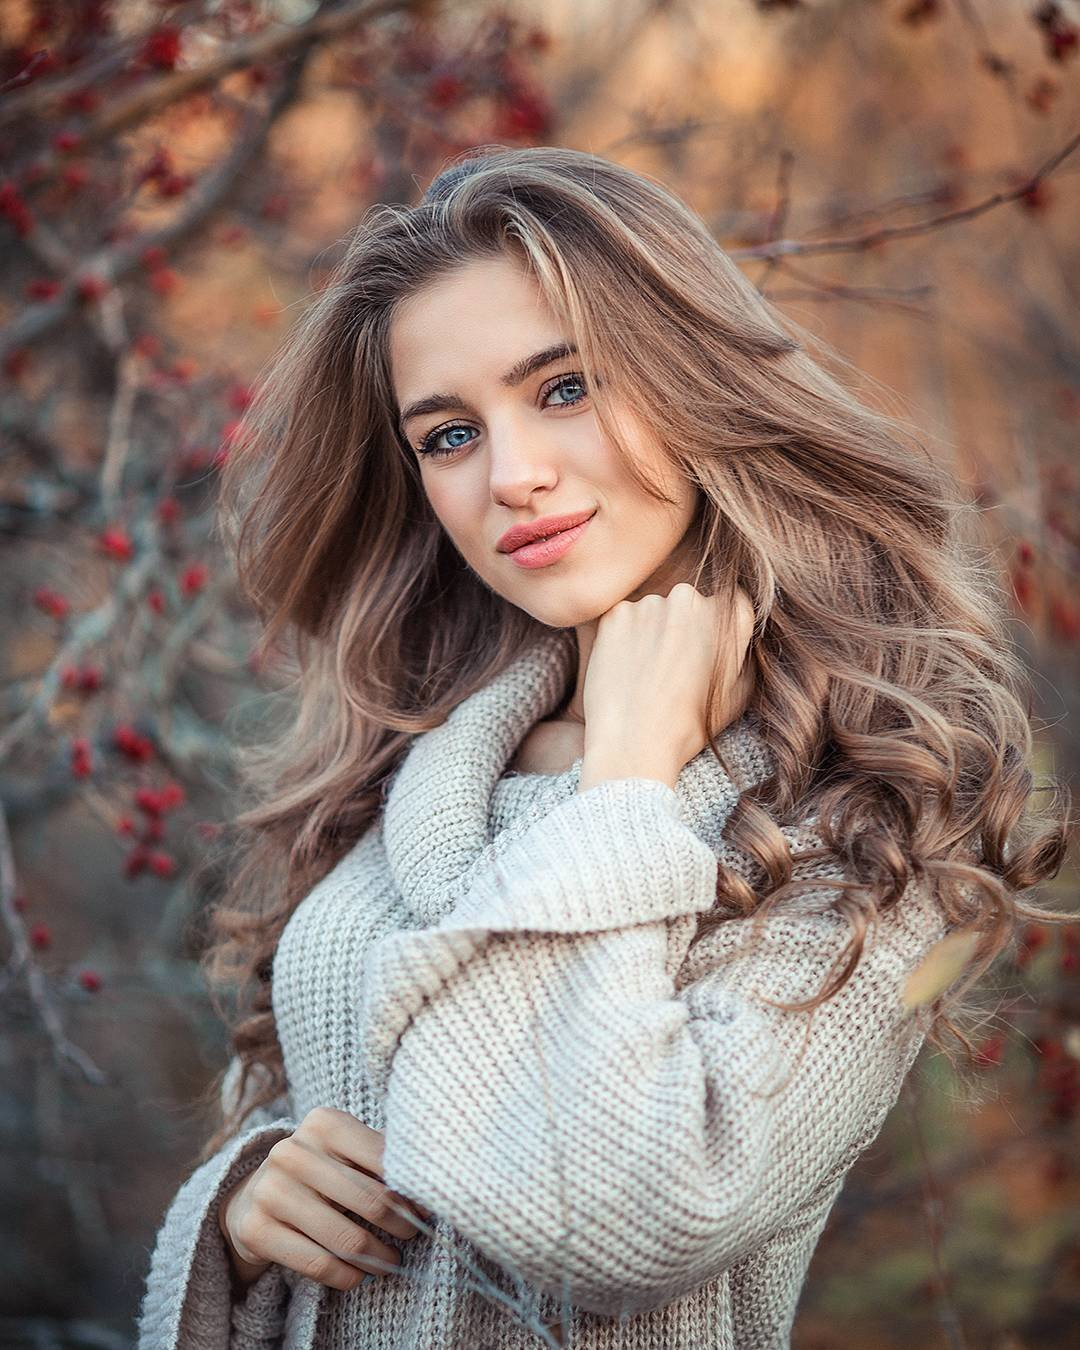 Русские девушки красивые картинки